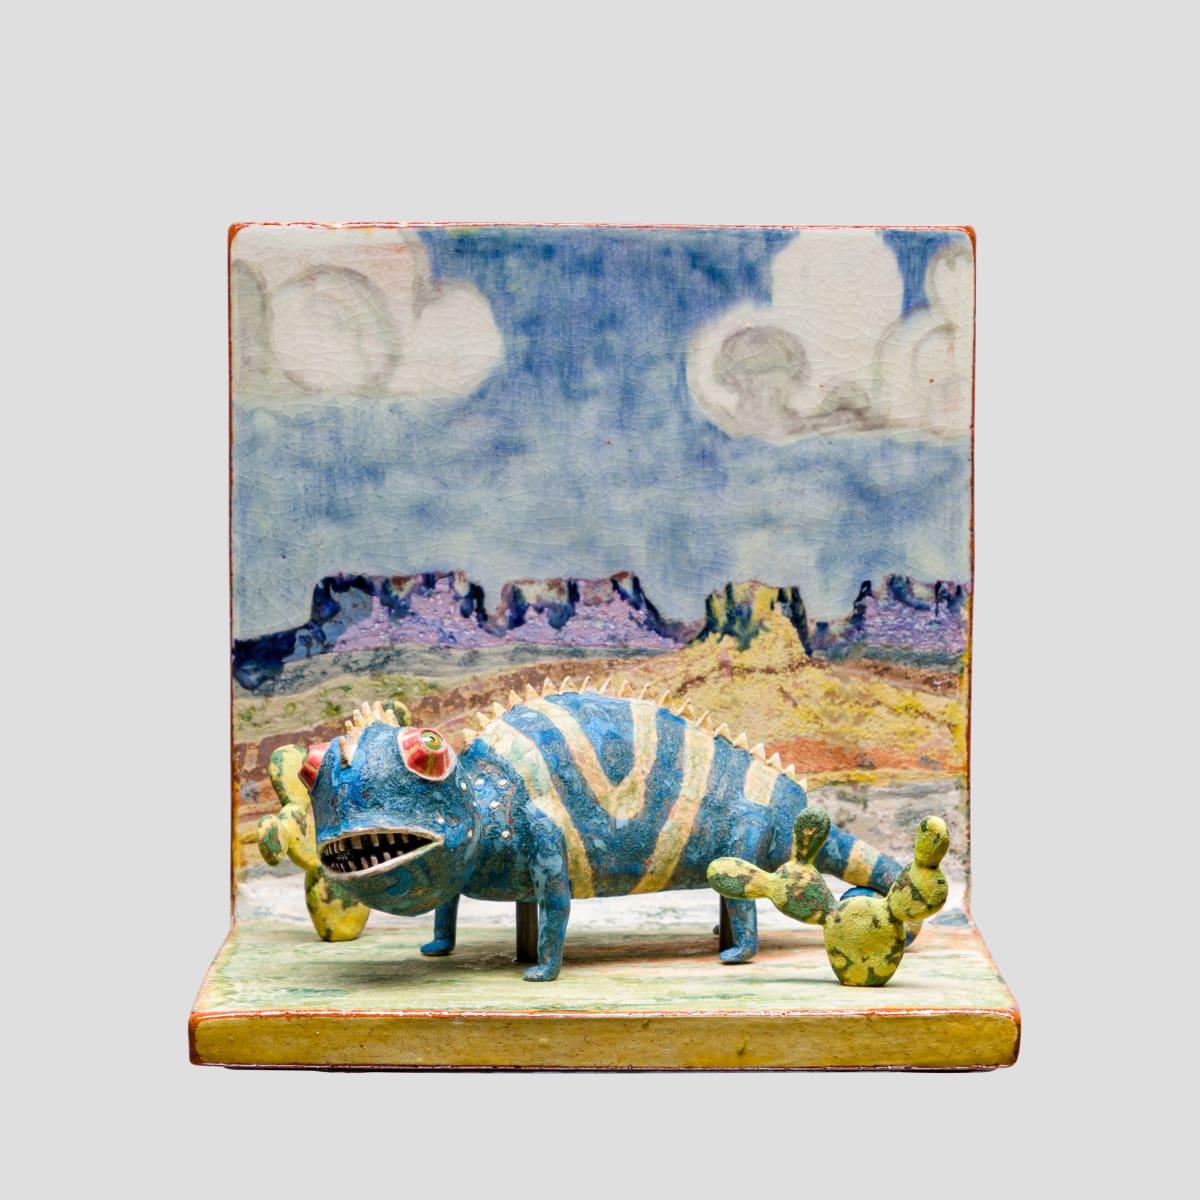 Wesley Anderegg, Blue Chameleon, 2020